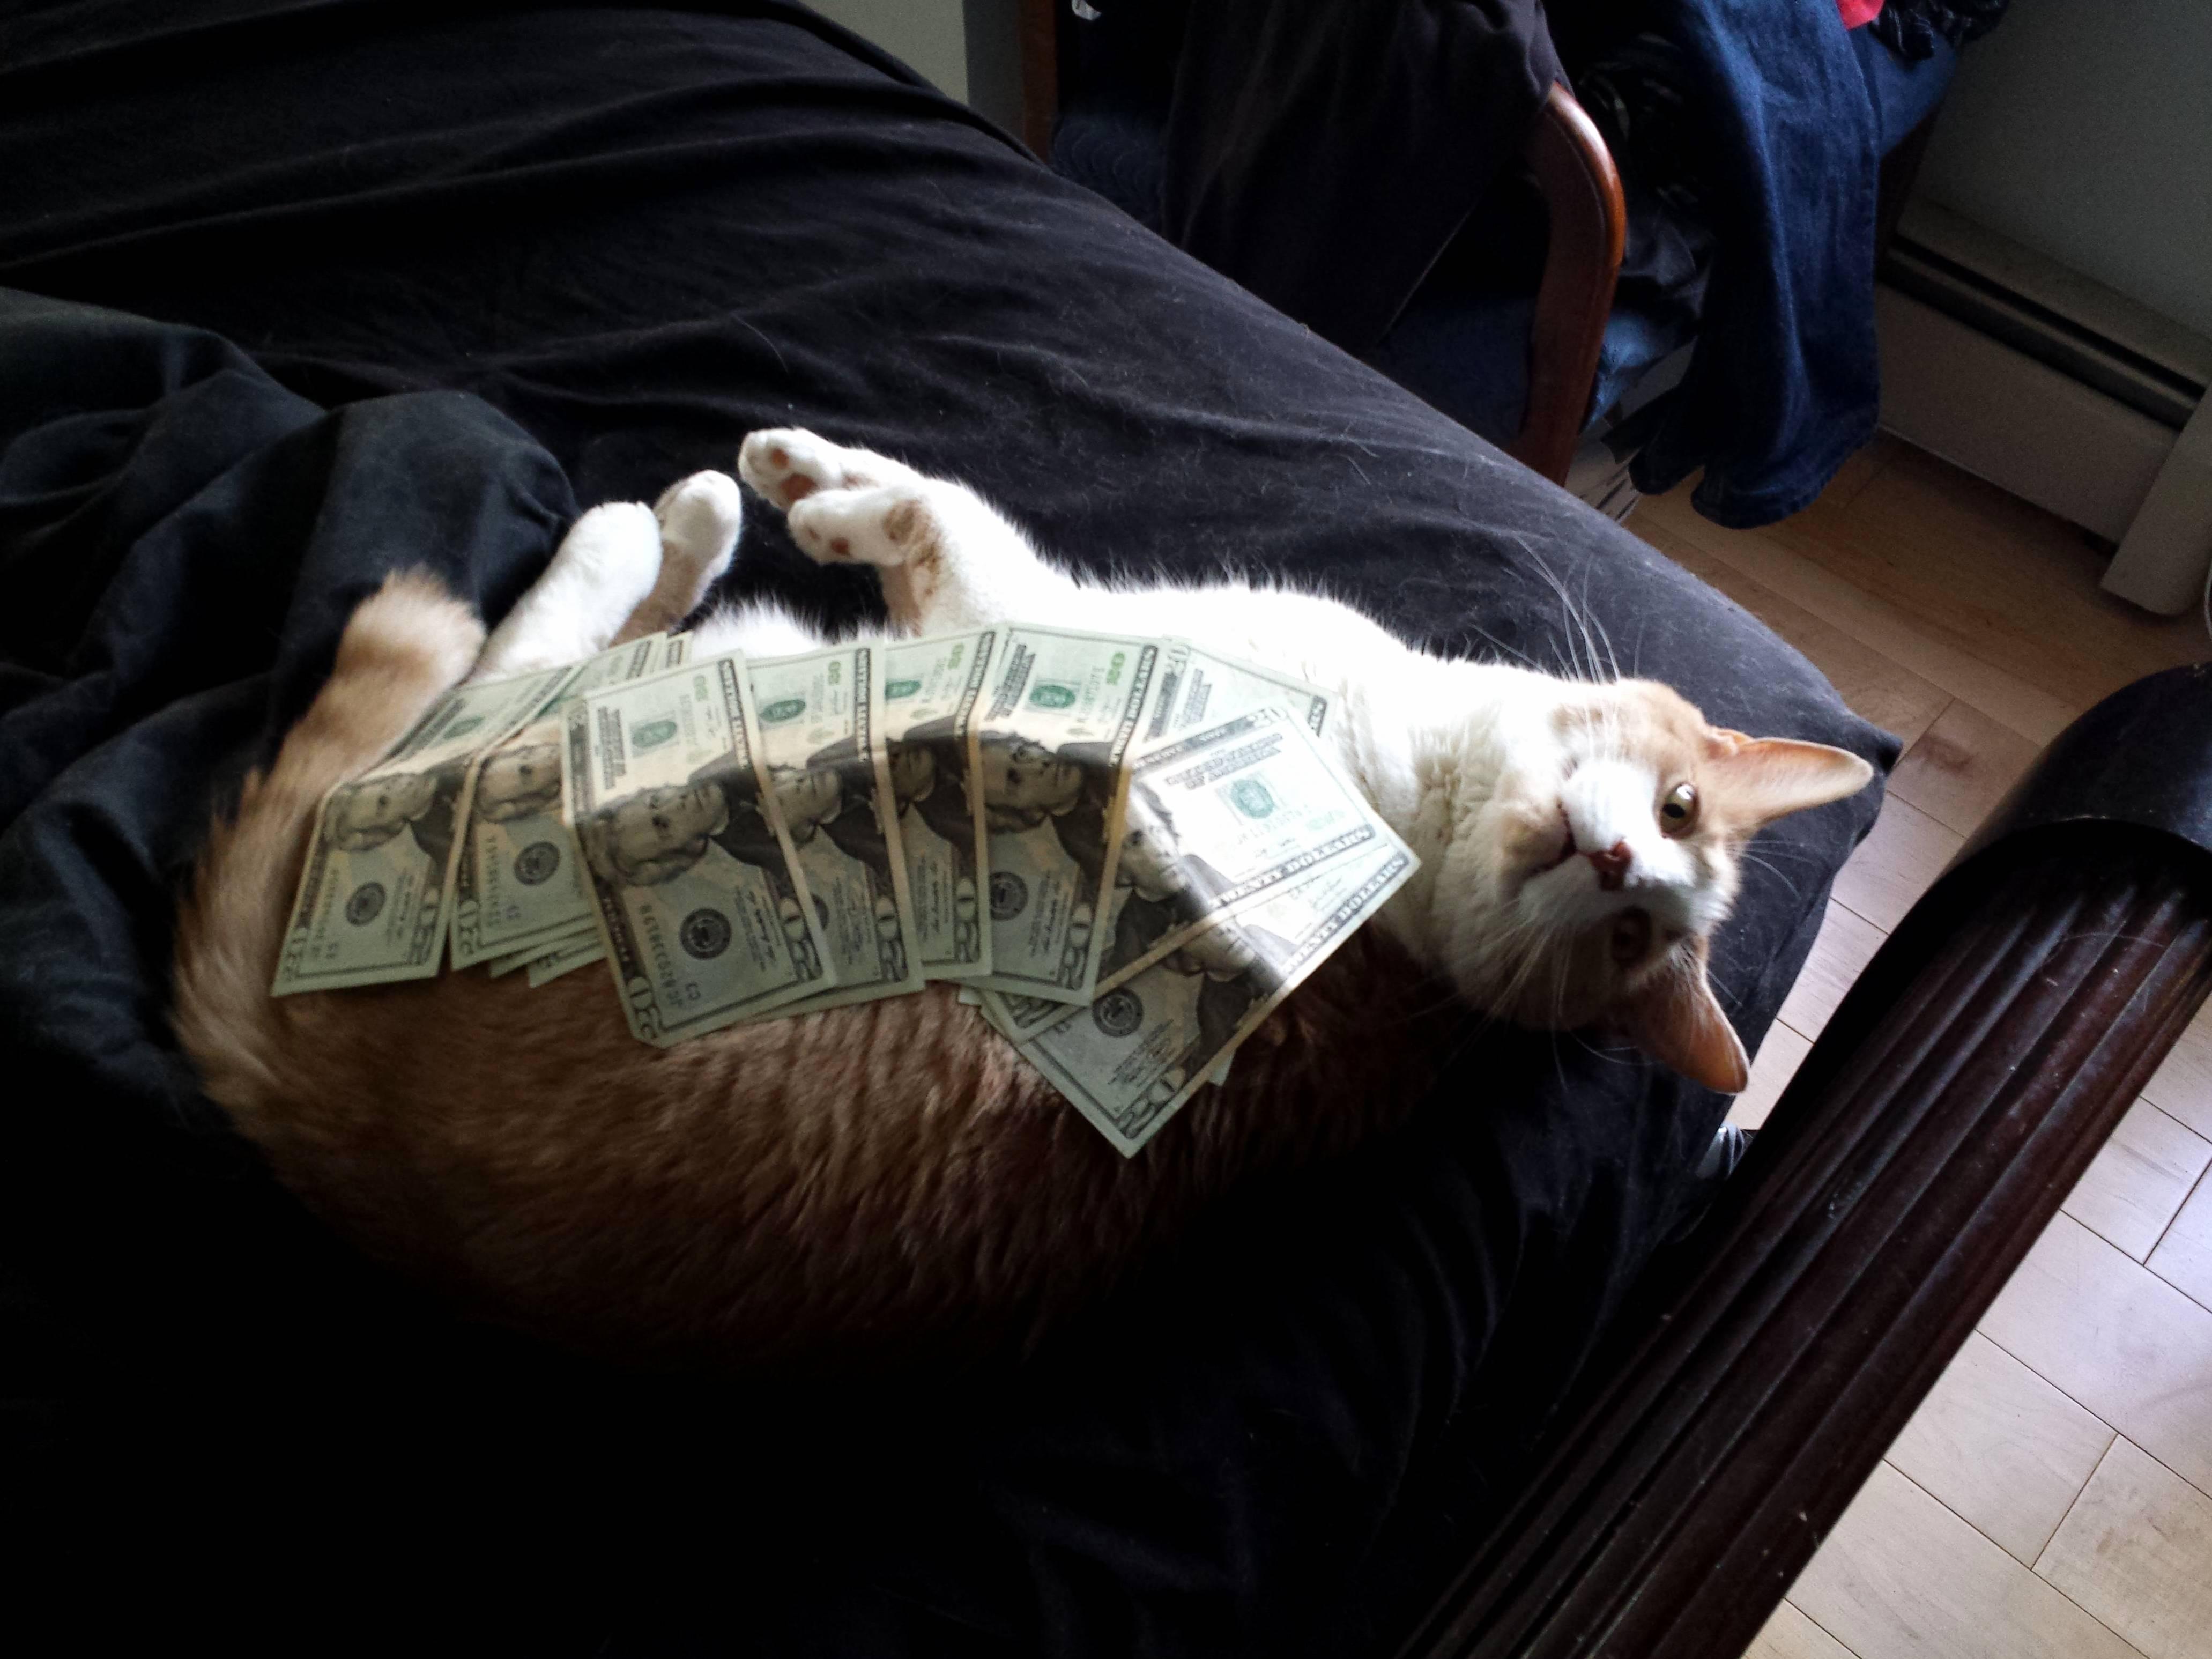 Money respect